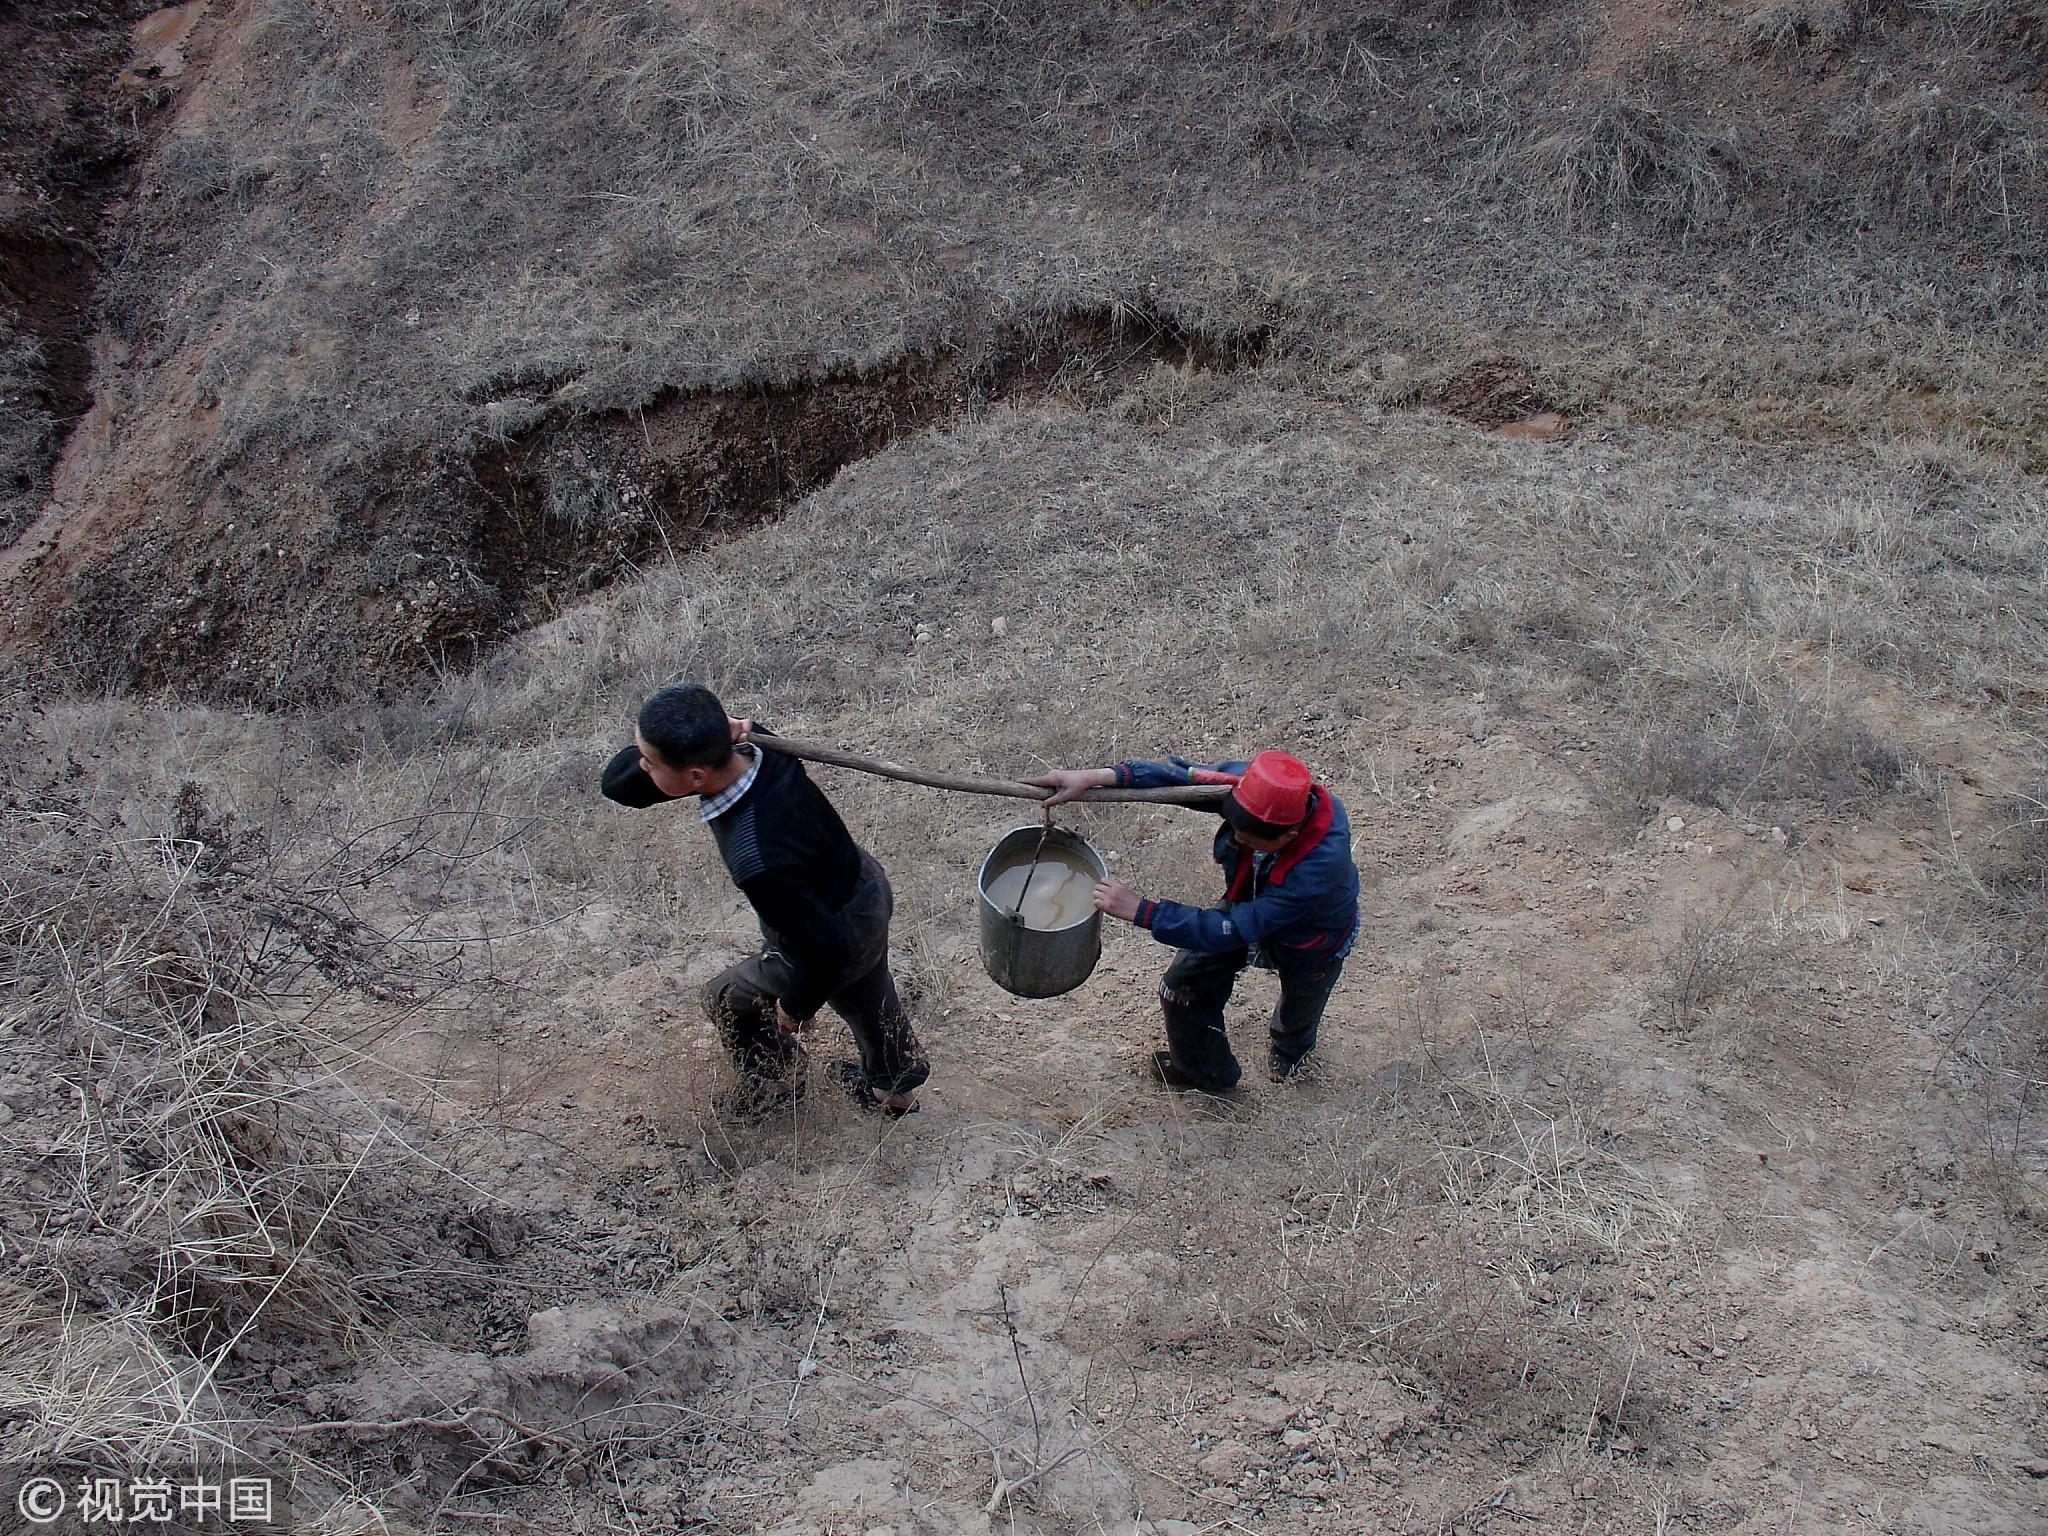 甘肃省正宁县榆林子,两位中学生从山下吃力的抬水上山。 / 视觉中国